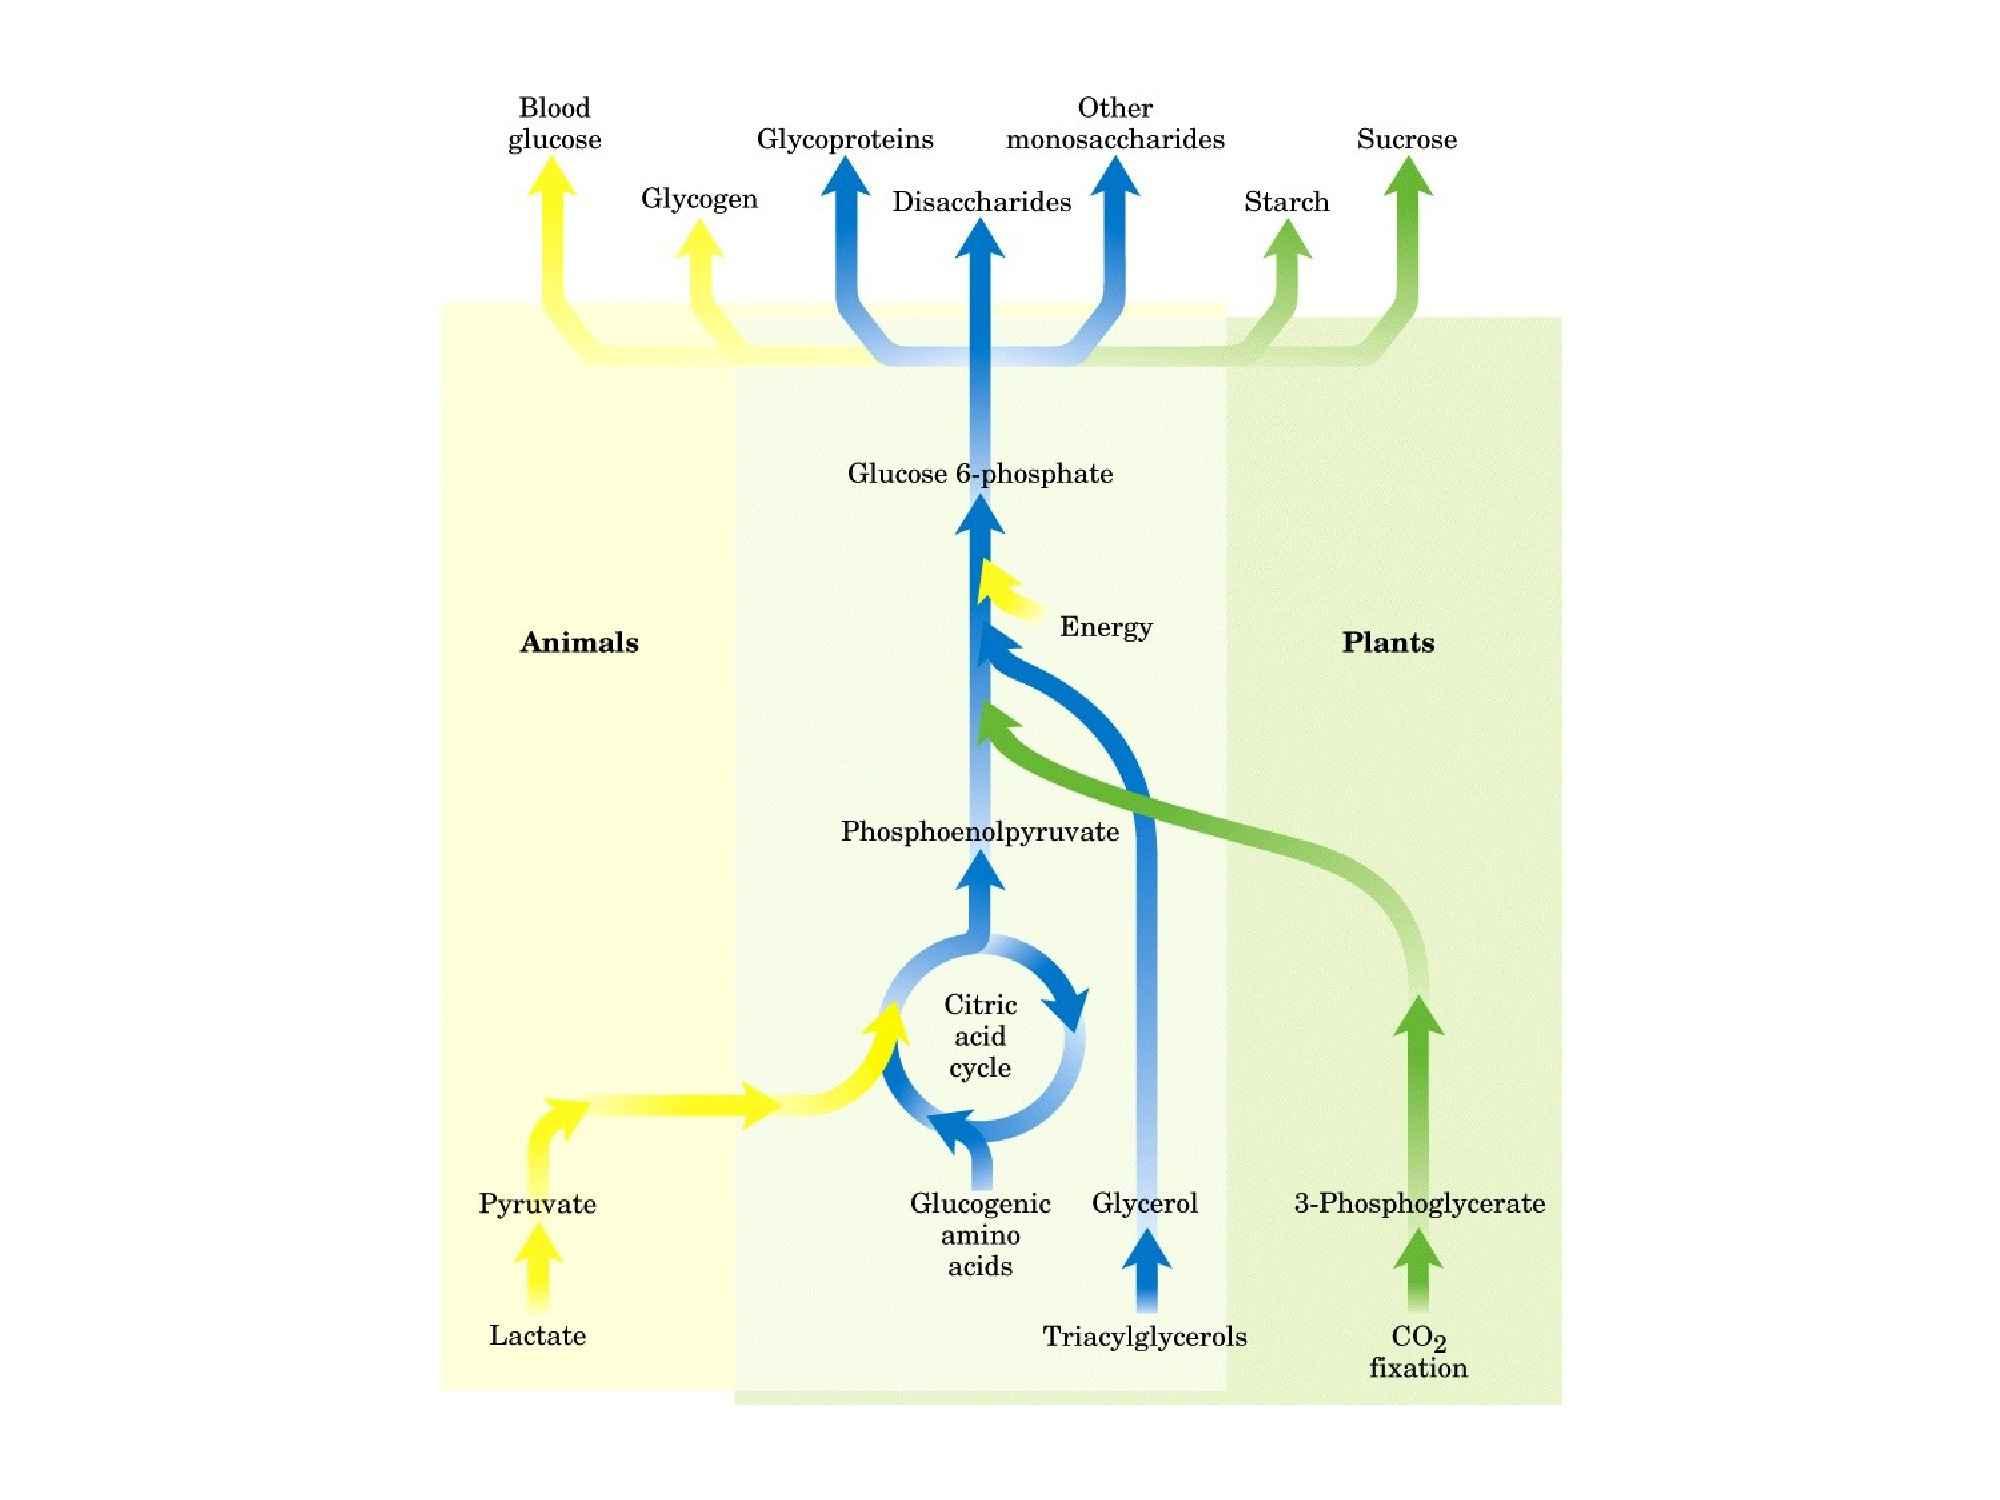 Glicogeno: gluconeogenesi e glicogeno